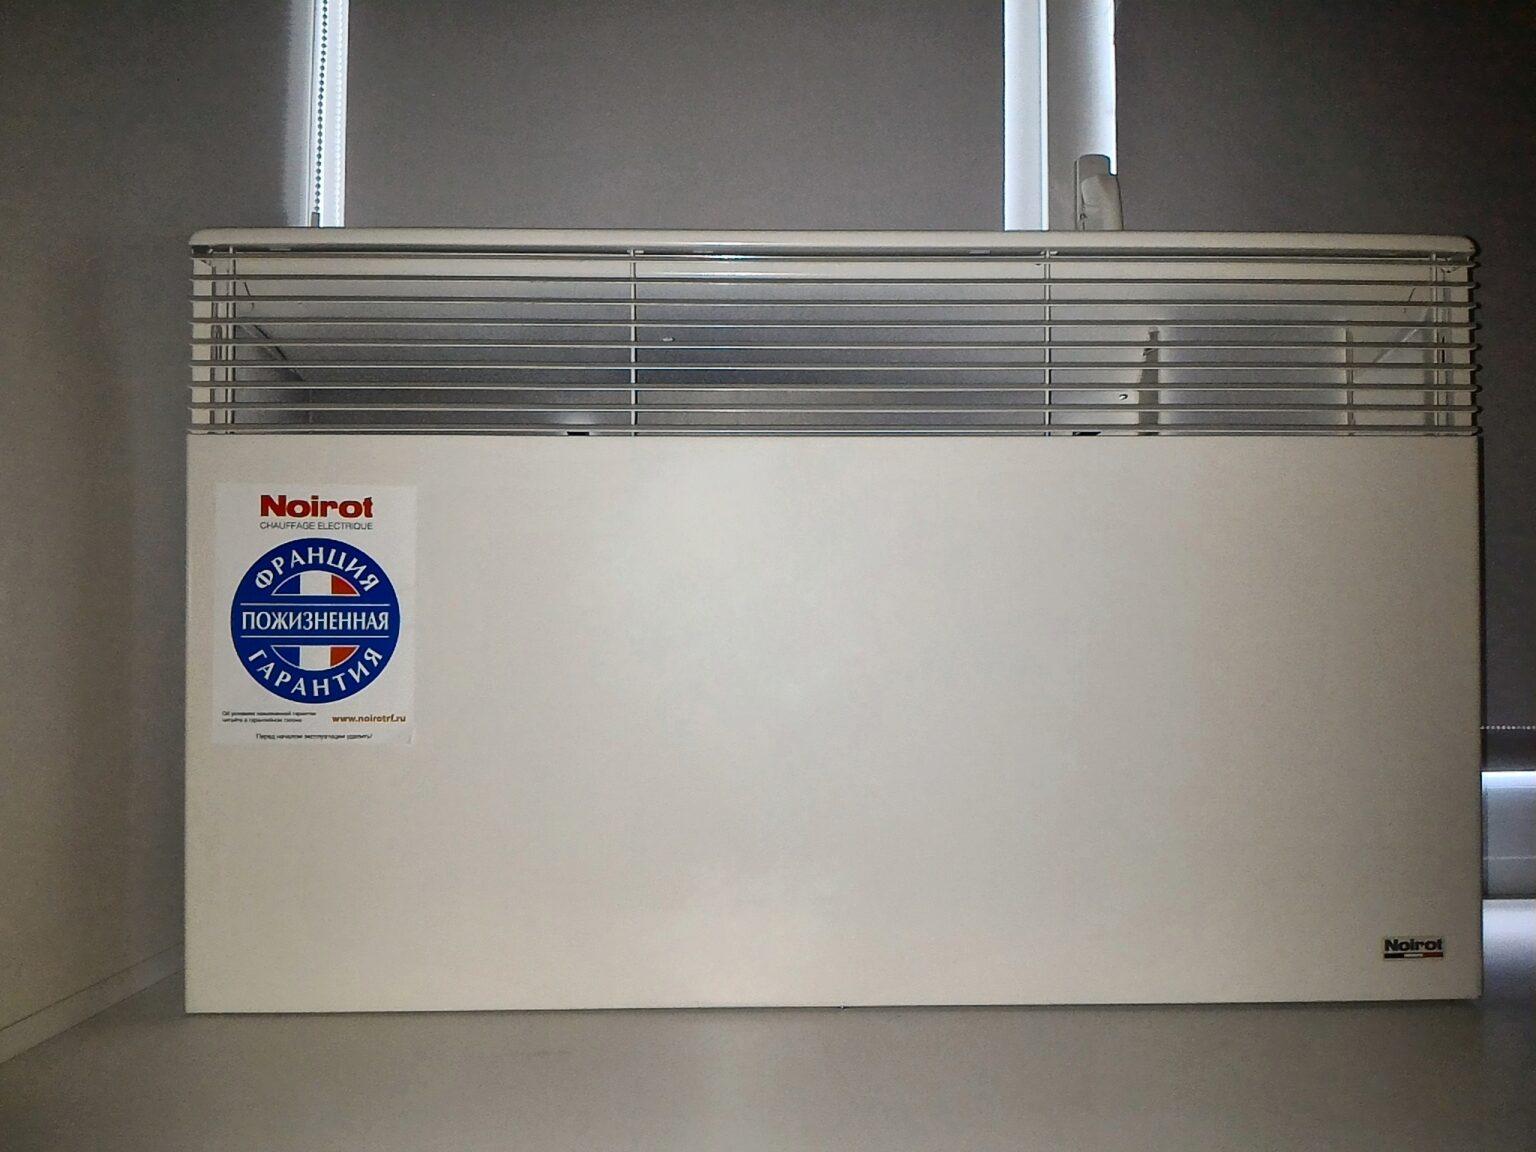 Водяные конвекторы отопления: виды, как выбрать + обзор популярных моделей и марок